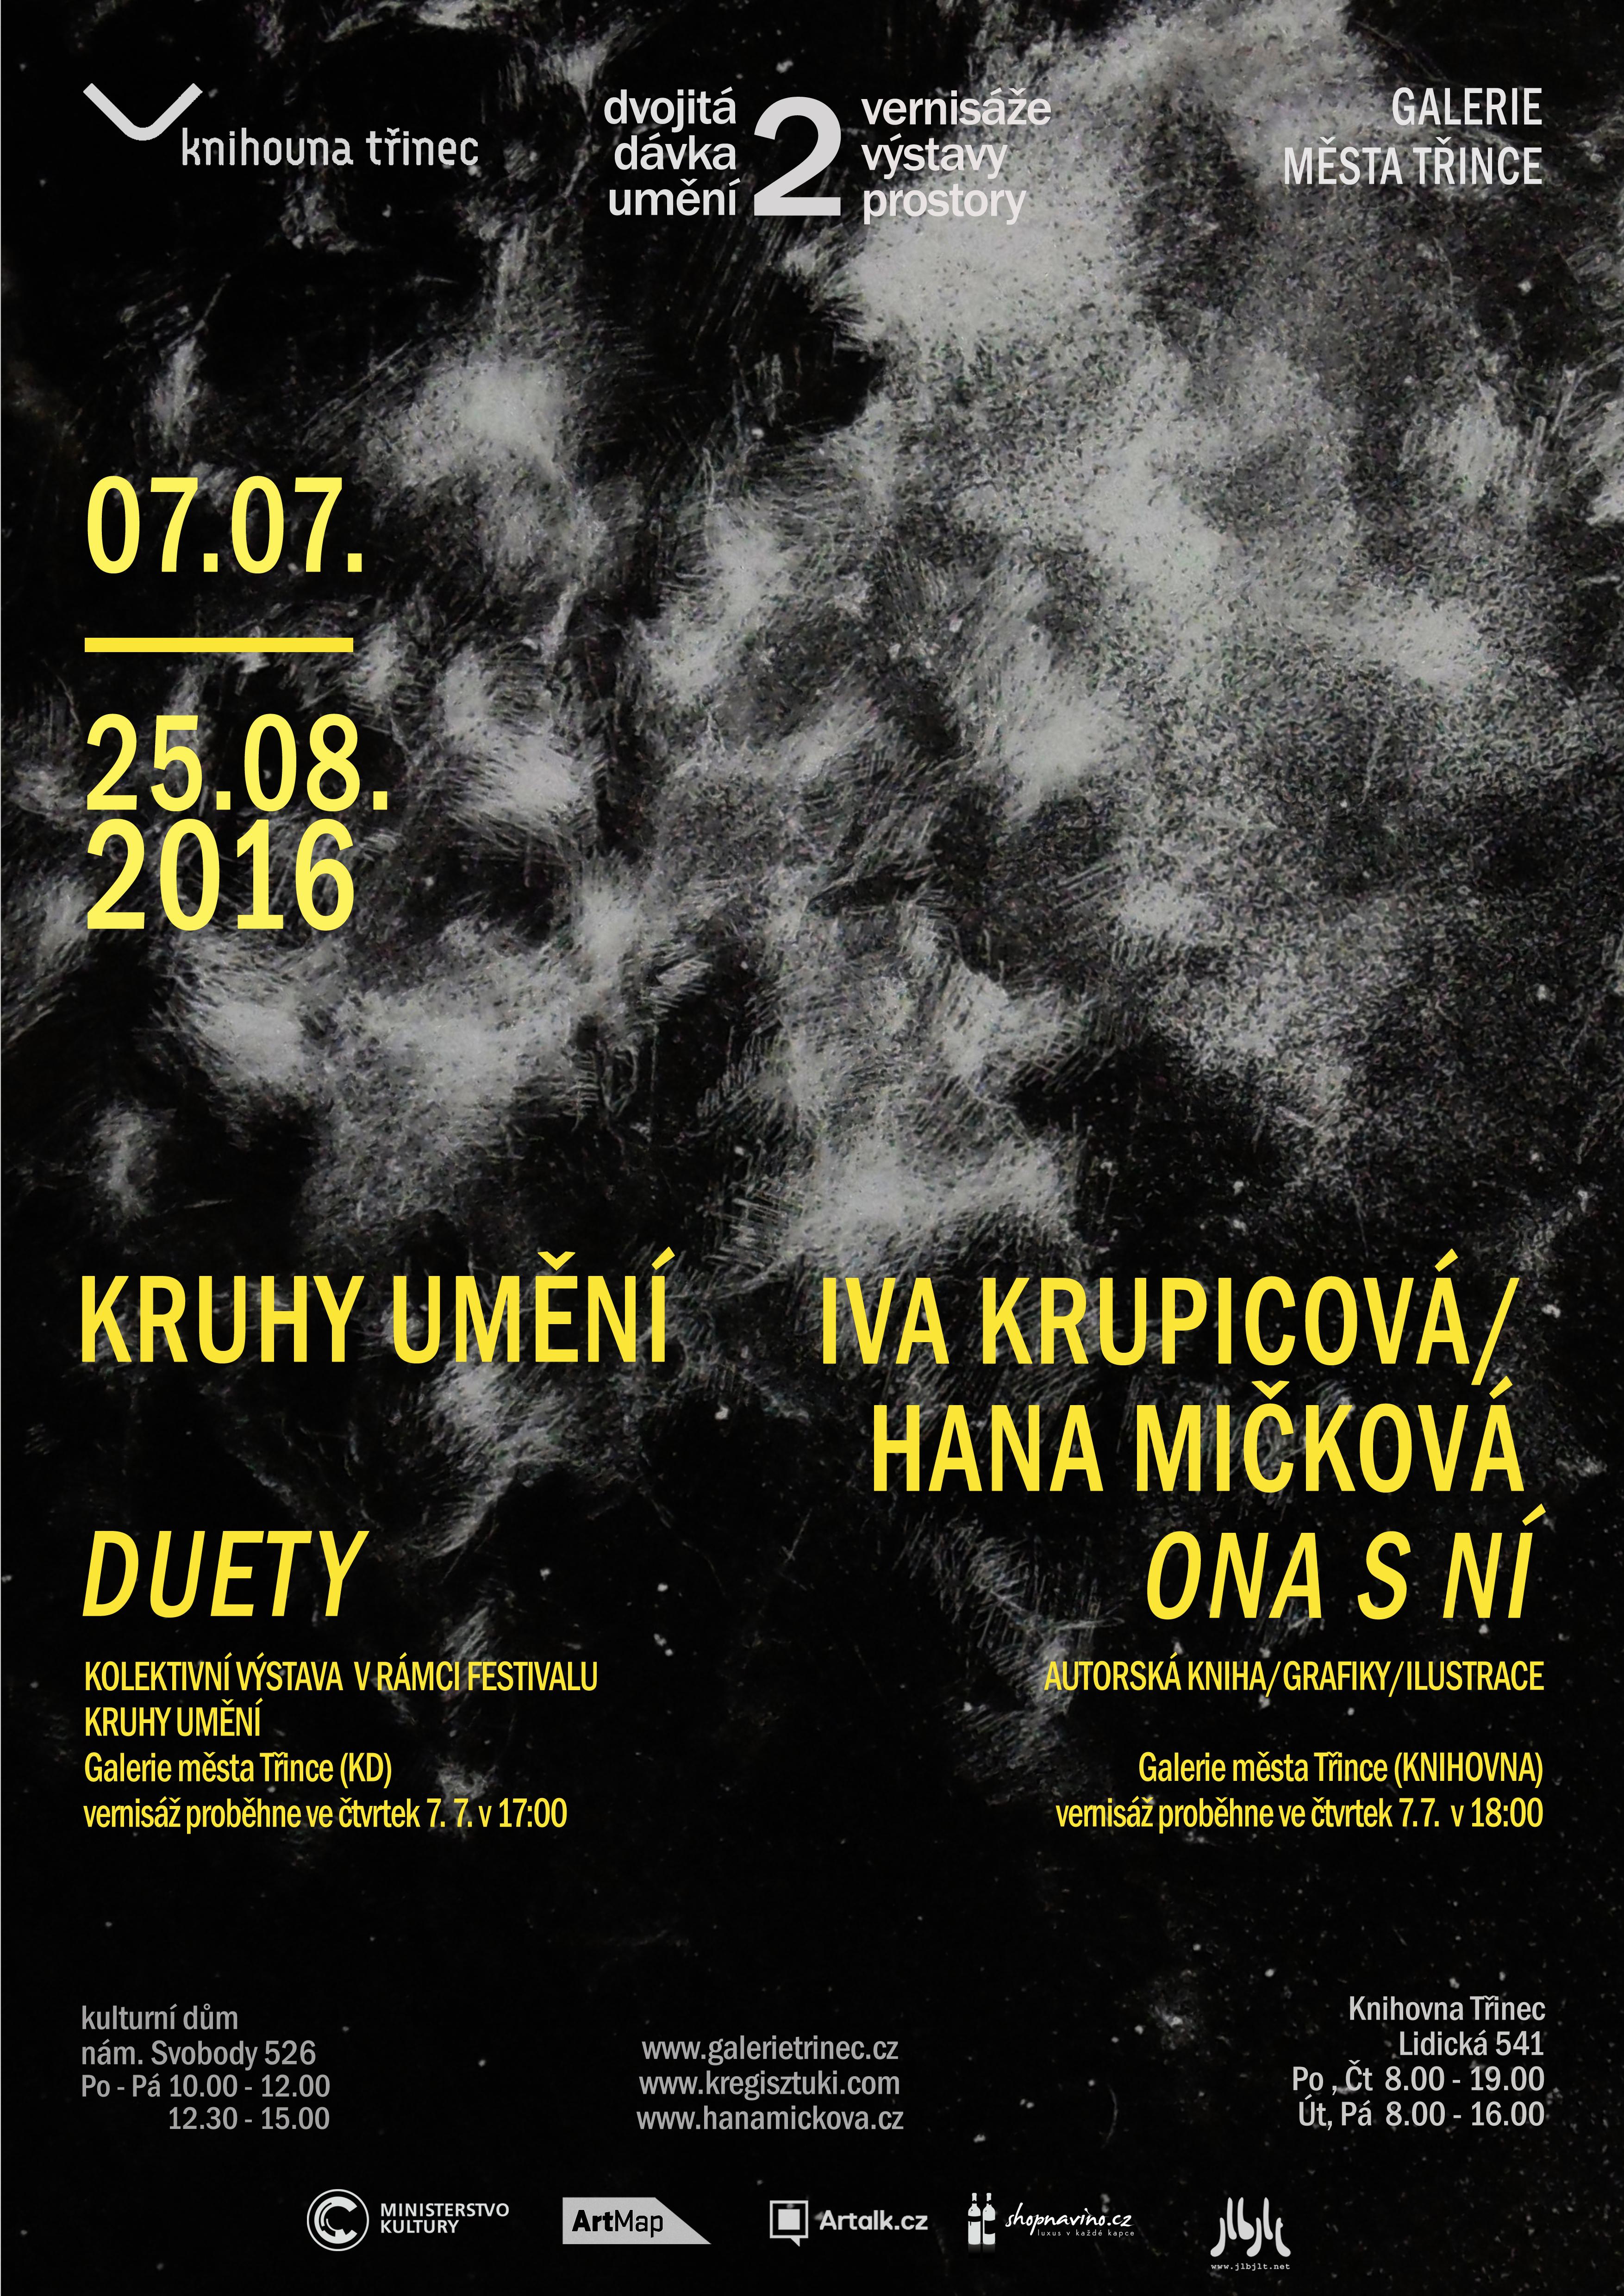 dvojitá dávka umění: Kruhy umění / Iva Krupicová a Hana Mičková